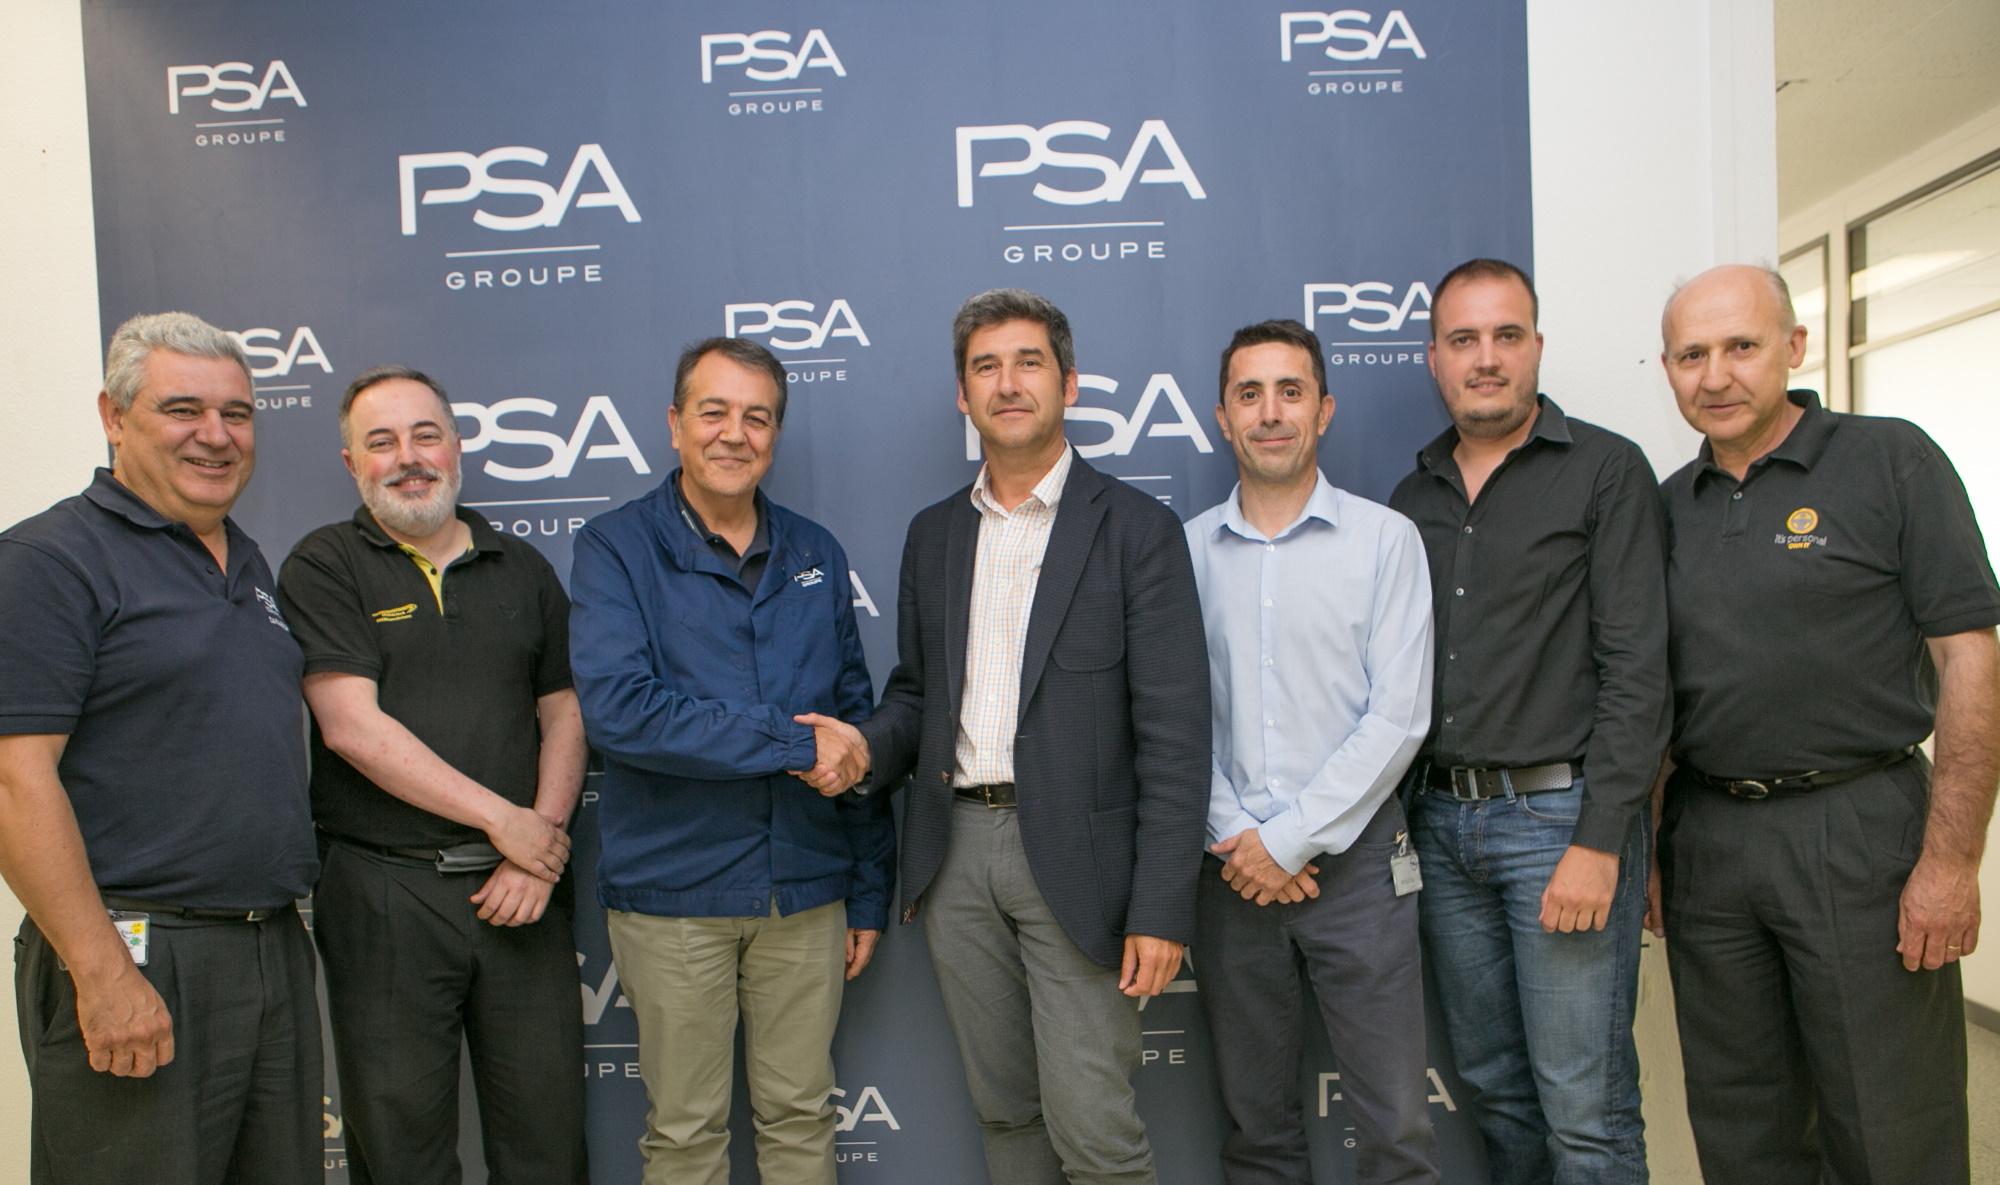 La planta de Zaragoza de Groupe PSA da un paso más en la innovación e industria 4.0 en colaboración con ITAINNOVA y CAAR